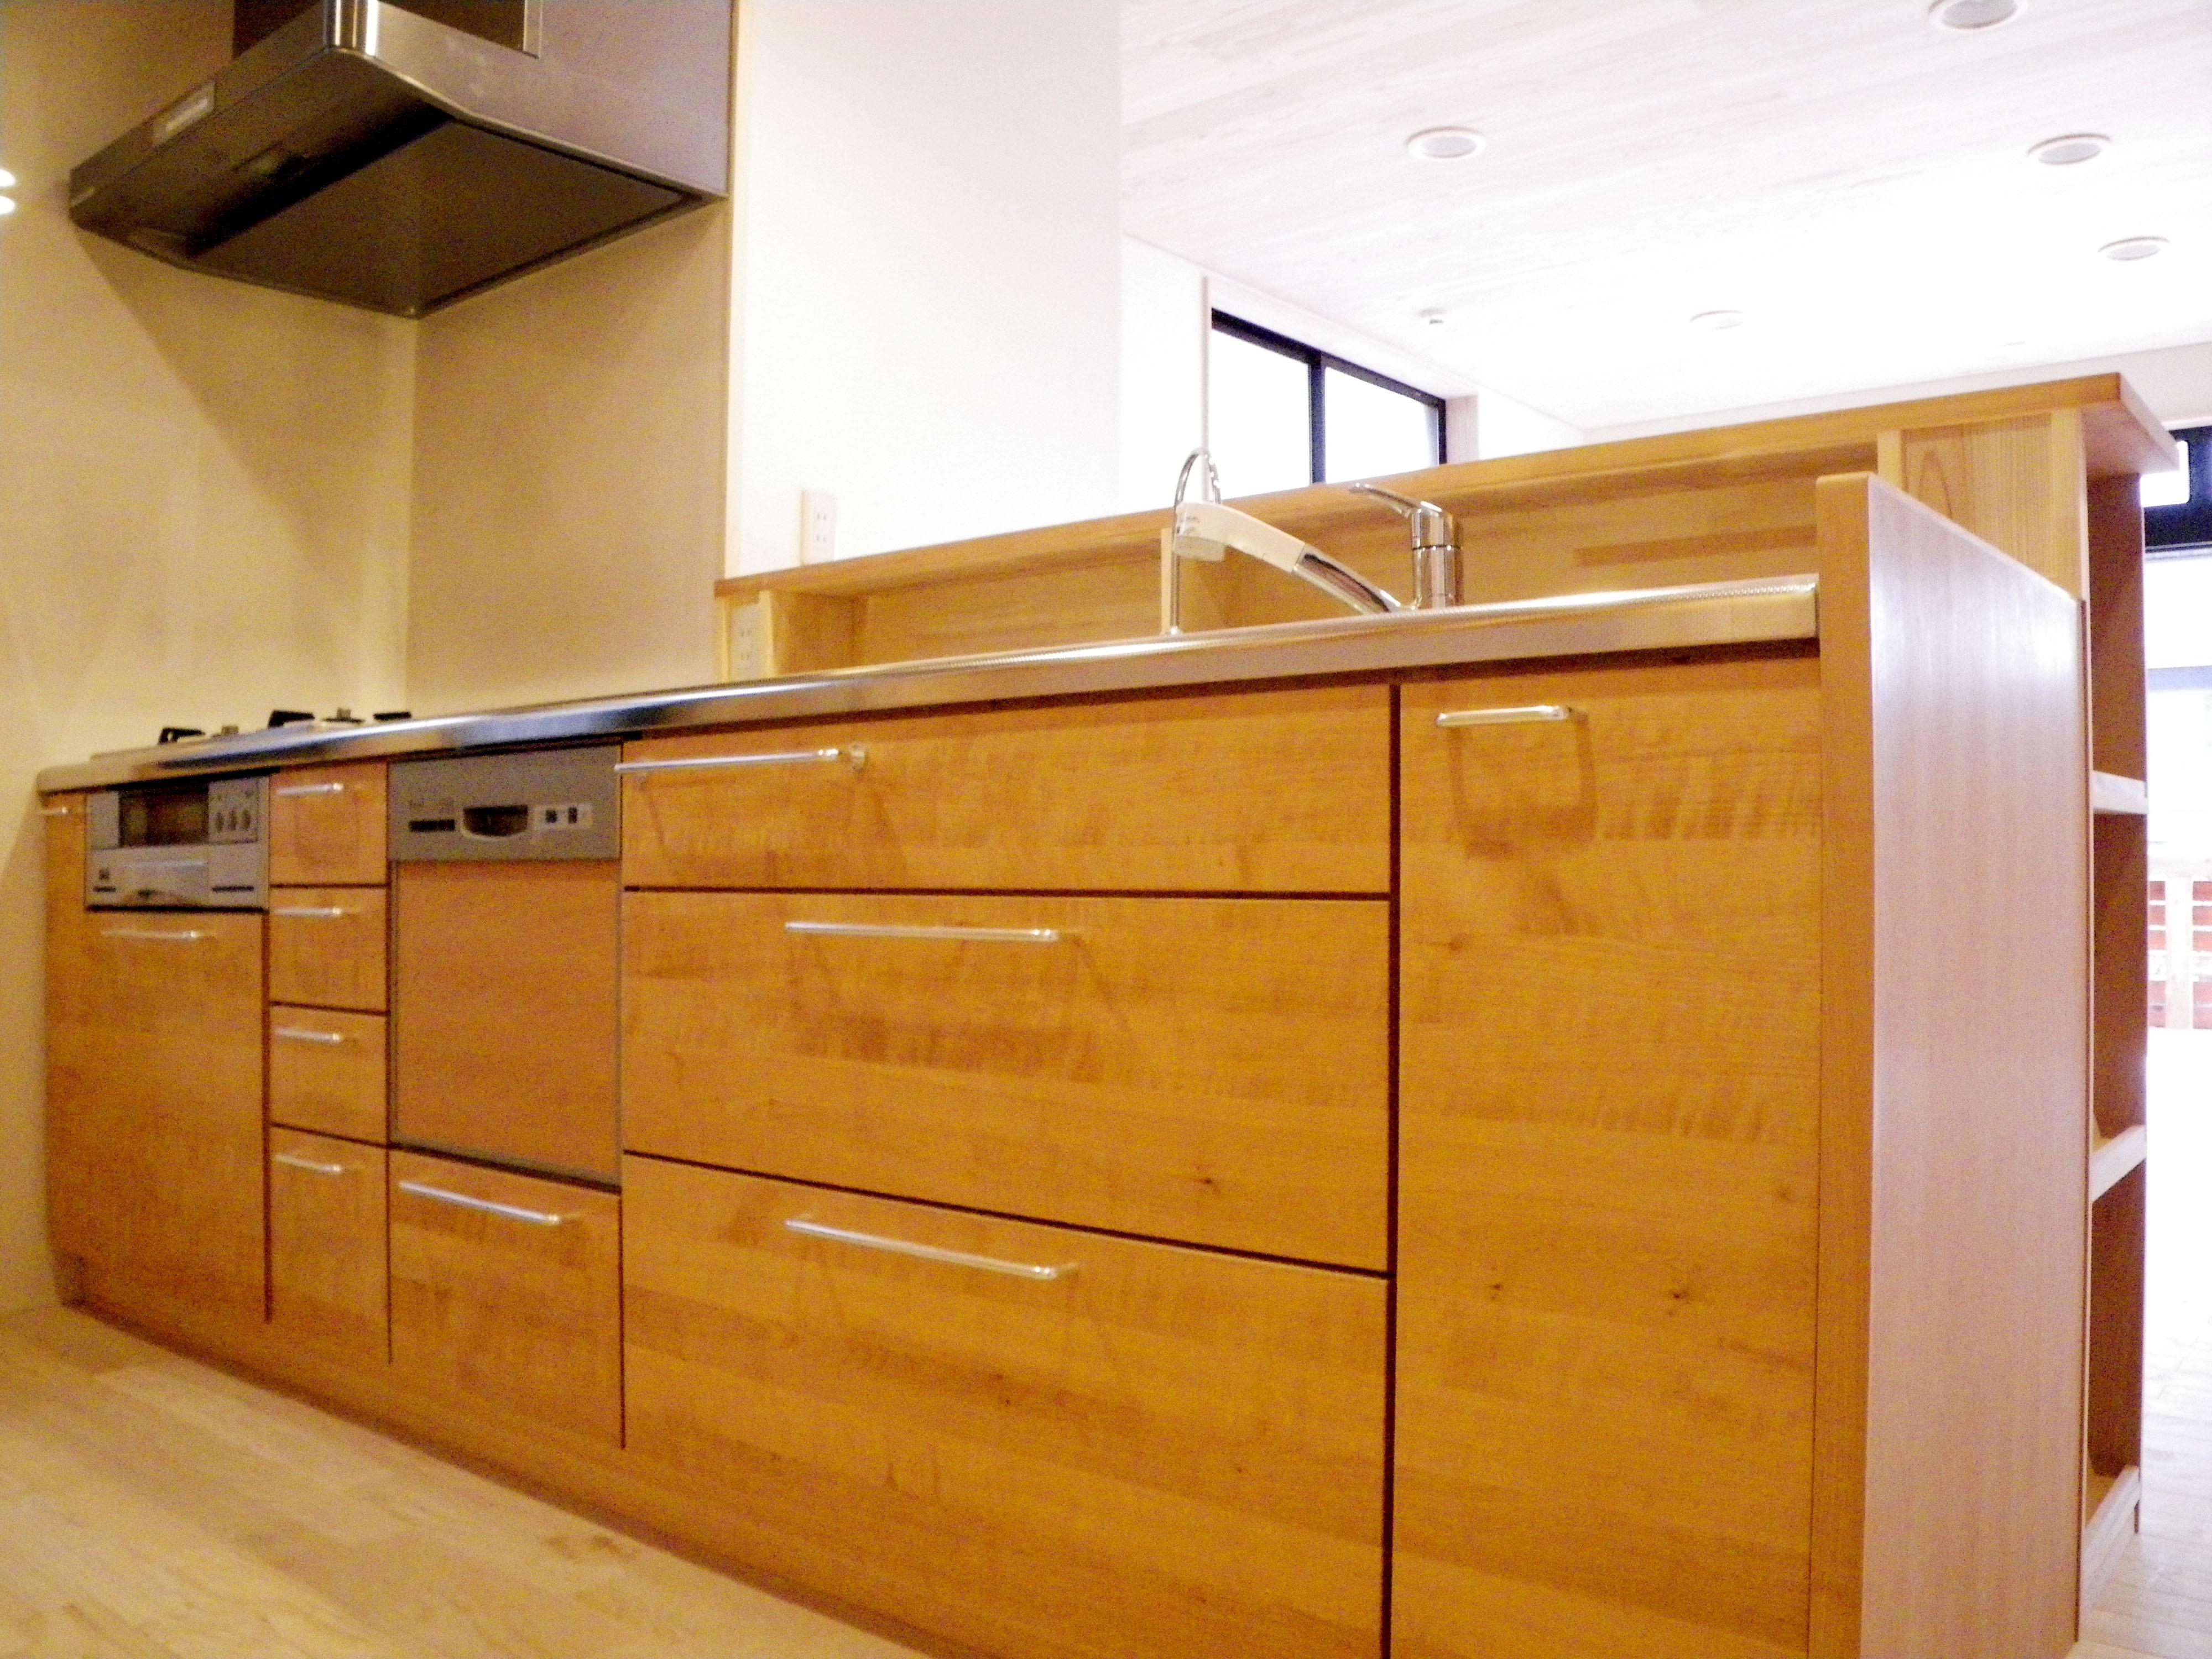 キッチン事例:木の造作キッチン(自然素材の開放感リフォーム)